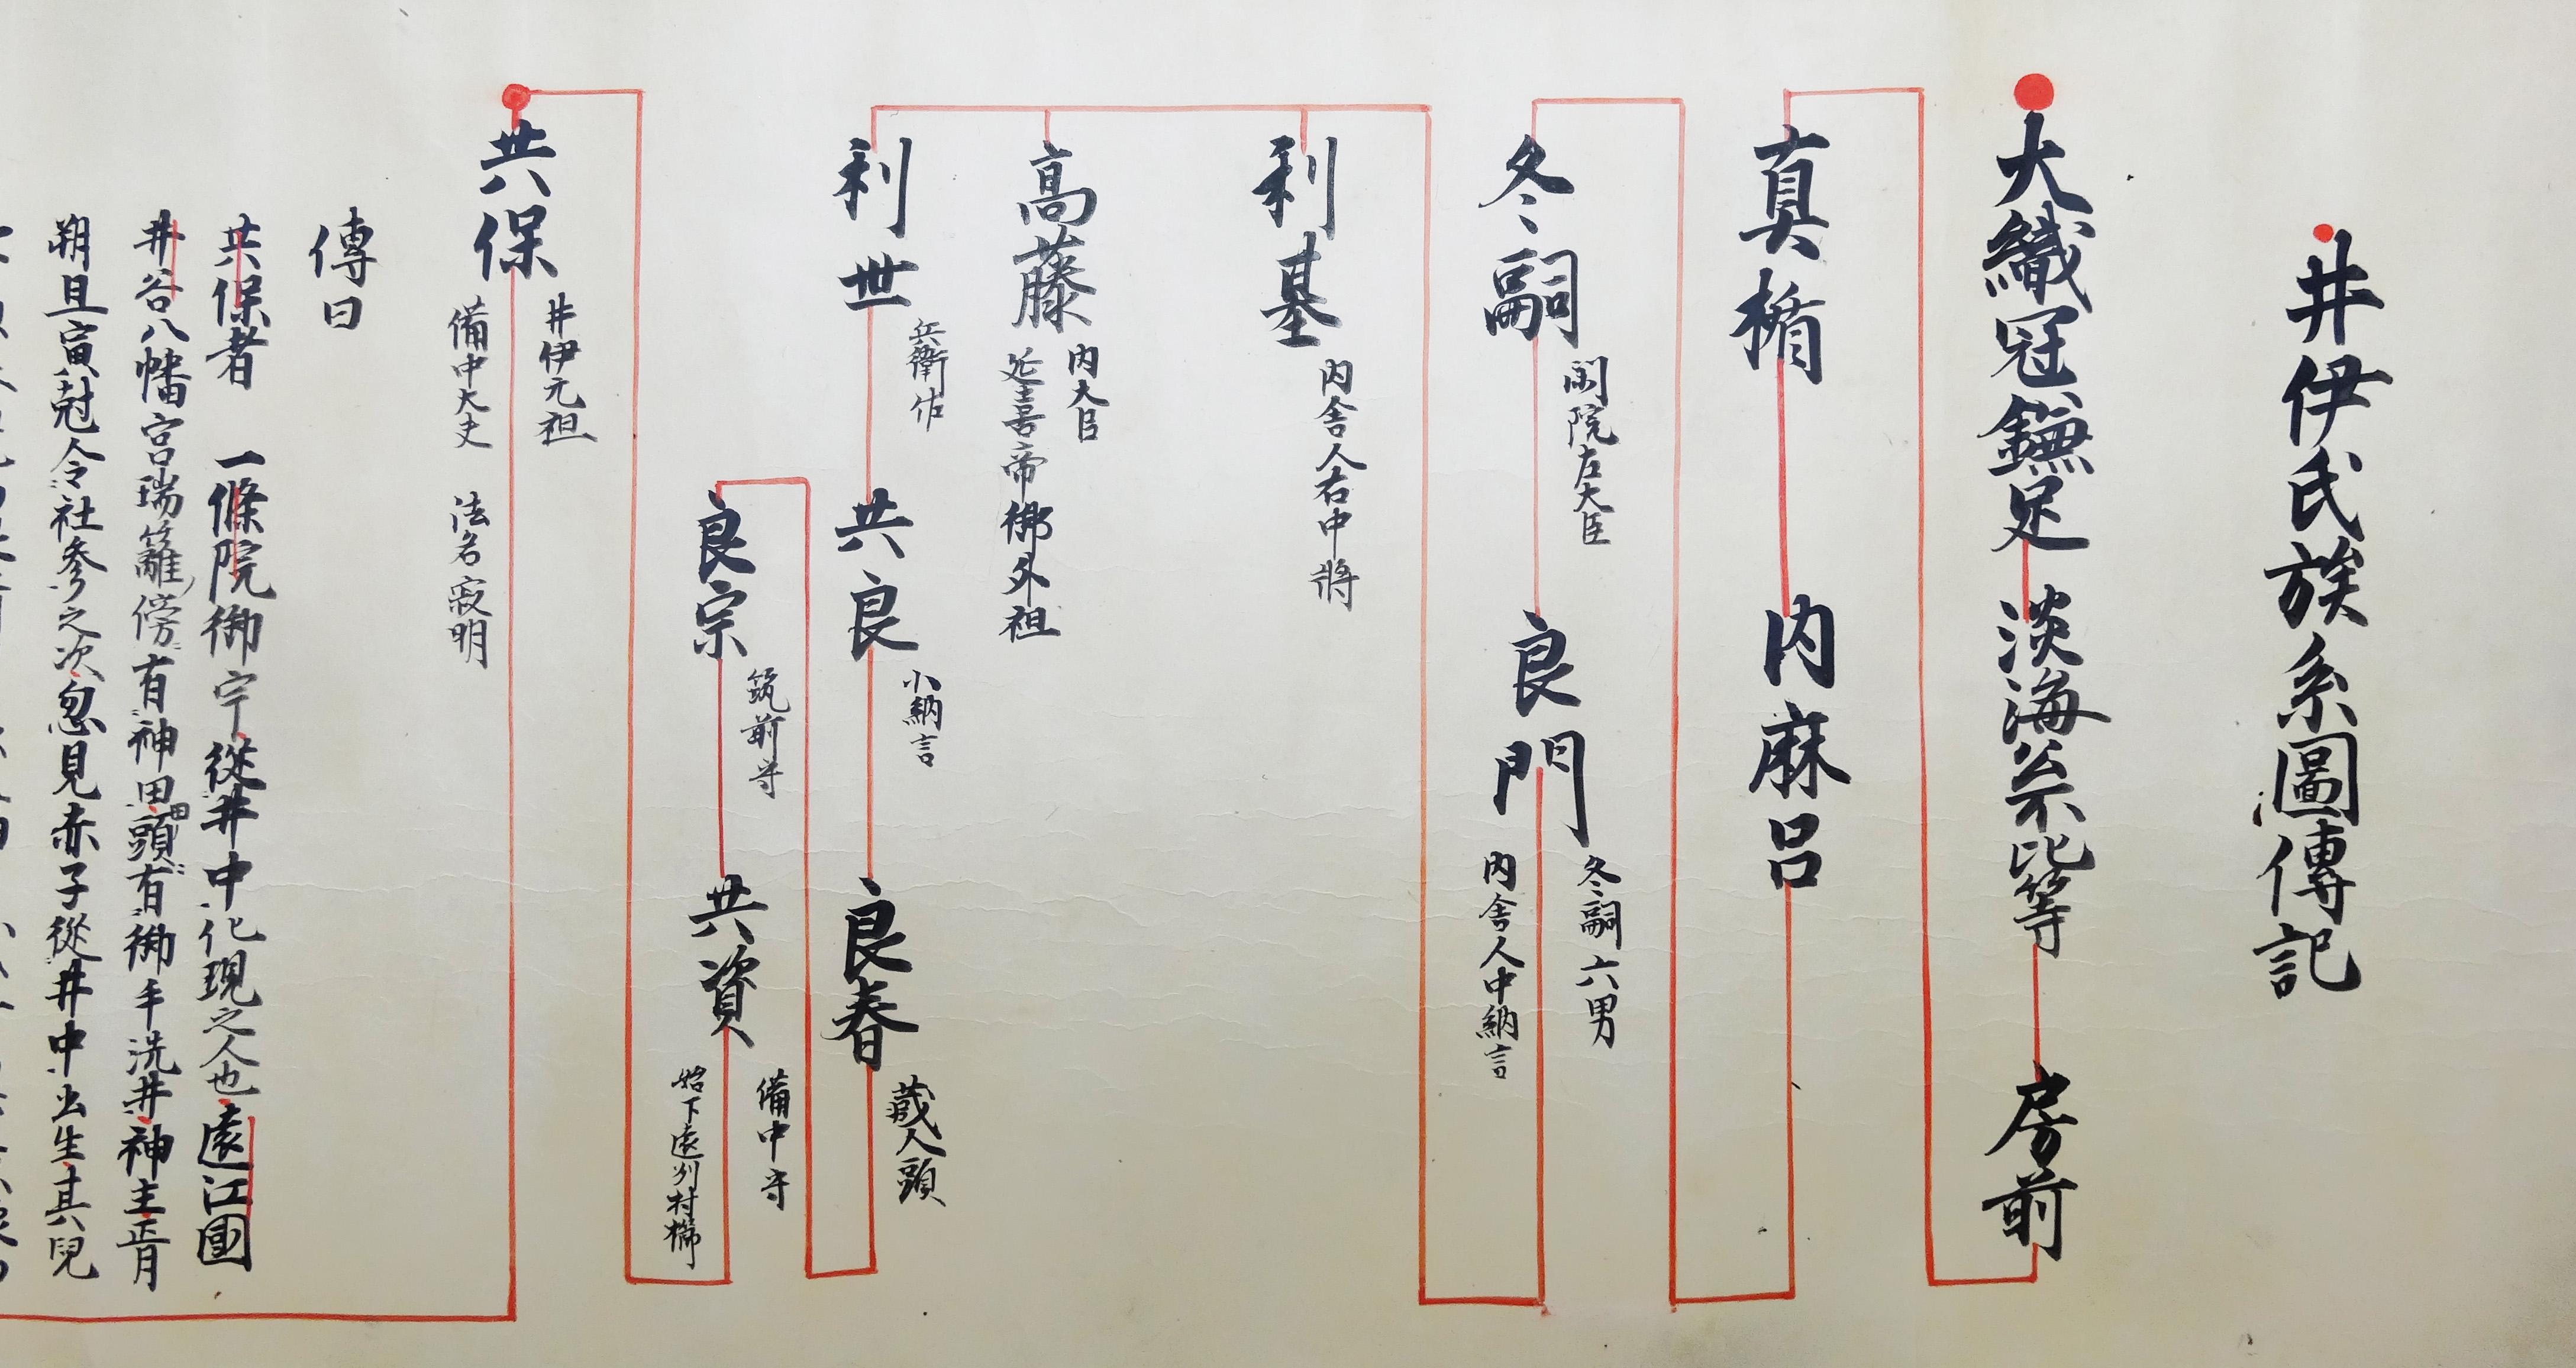 井伊氏族系図伝記(岡本宣就撰)